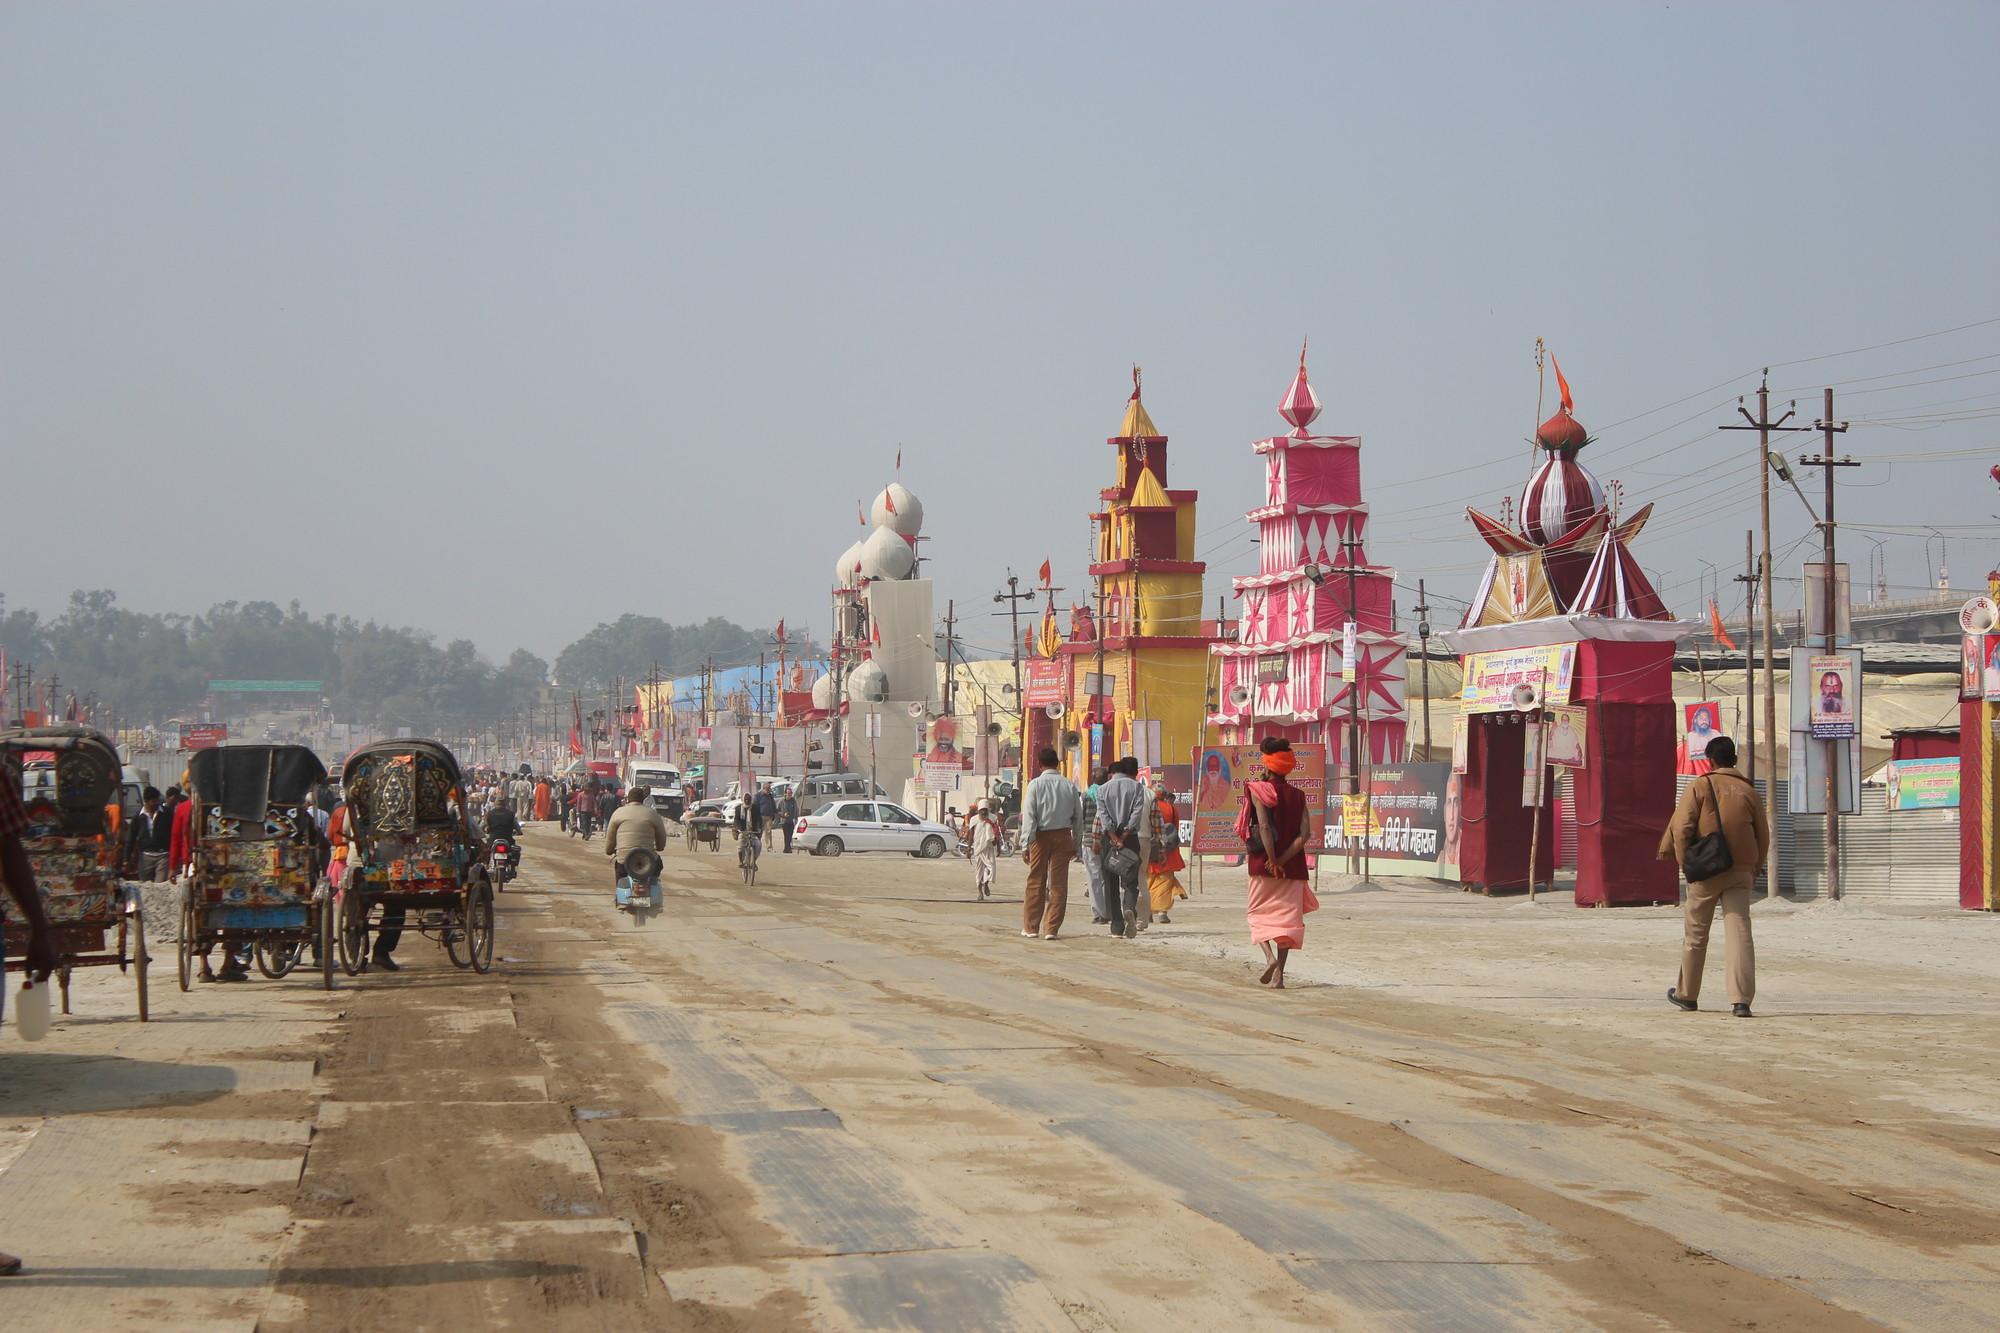 Kumbh Mela : Aprendendo com as cidades temporárias, © Felipe Vera